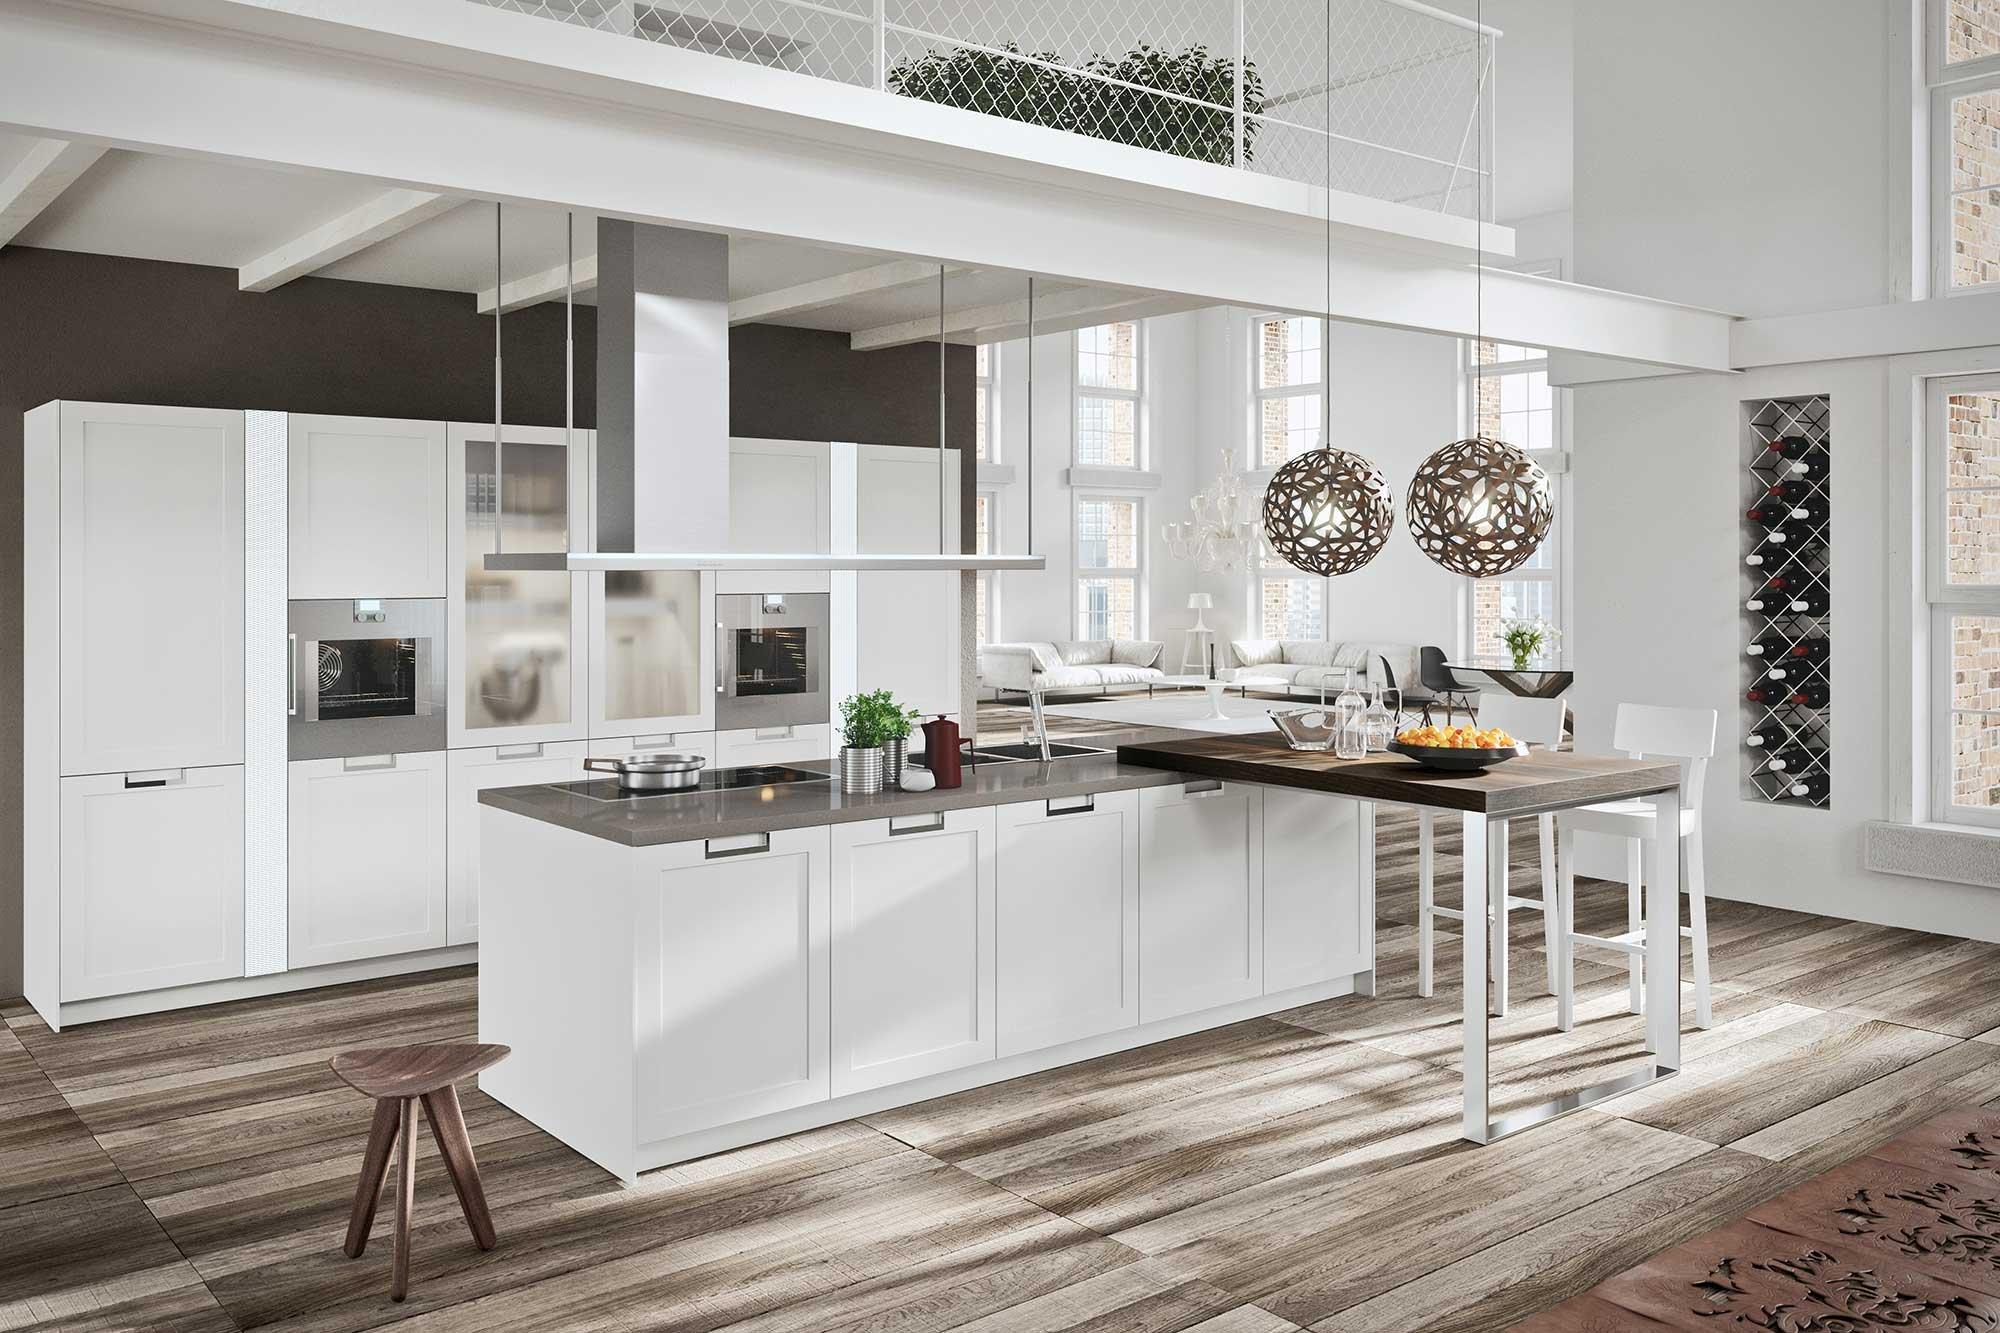 Astra Cucine Prezzi. Amazing Cucina Doimo Cucine Numerouno With ...